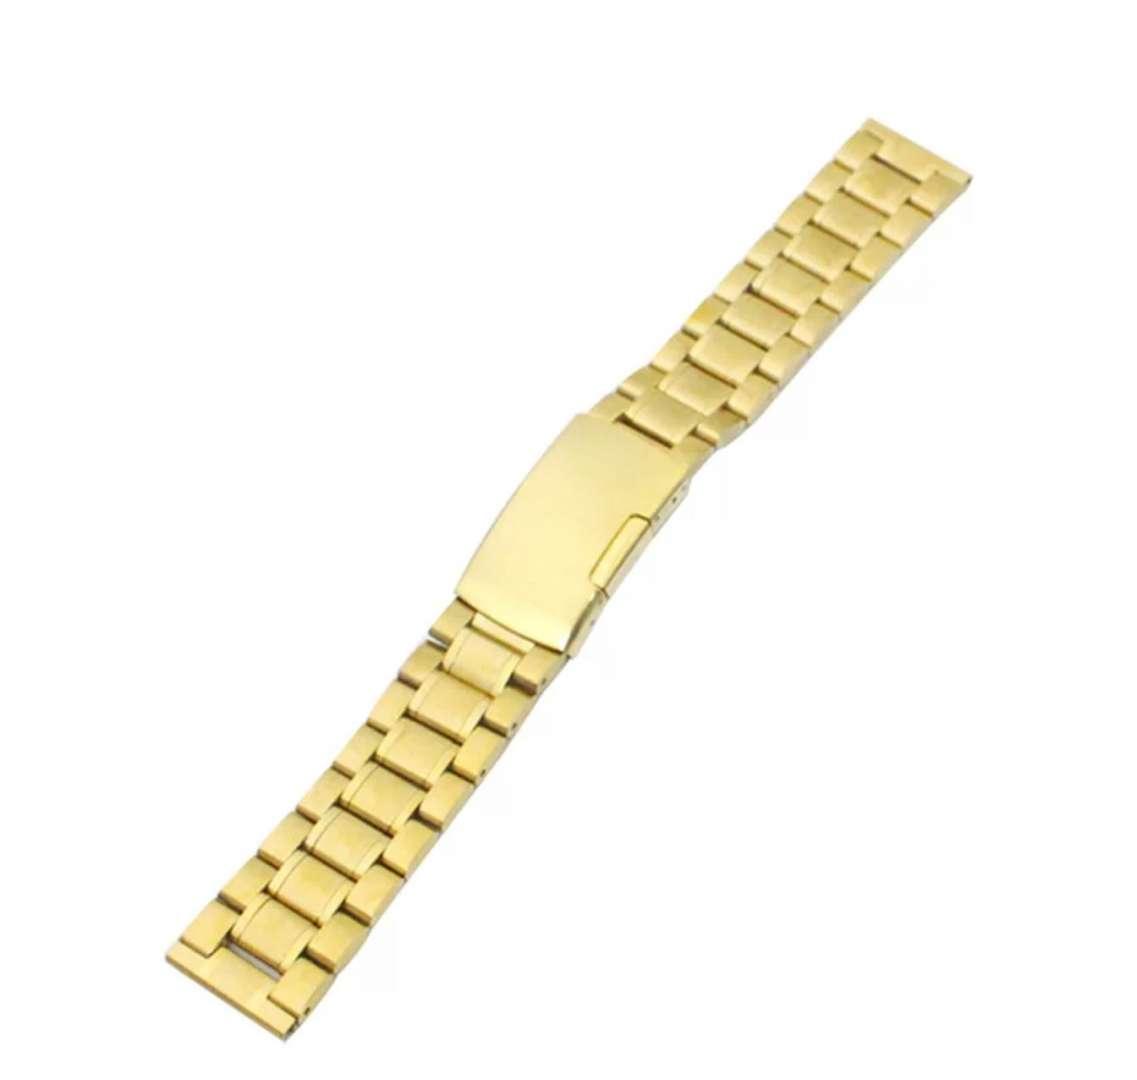 רצועת מתכת לשעון יד MNGG005